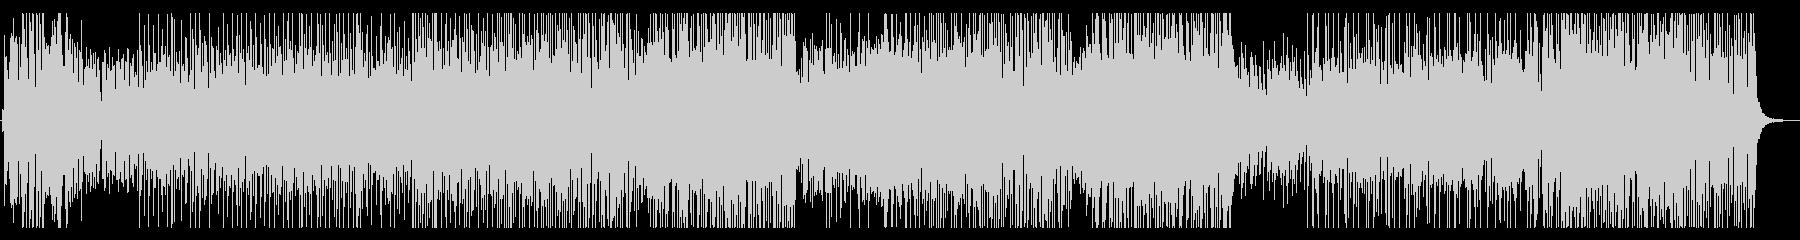 ピアノとドラムの疾走感のあるBGMの未再生の波形